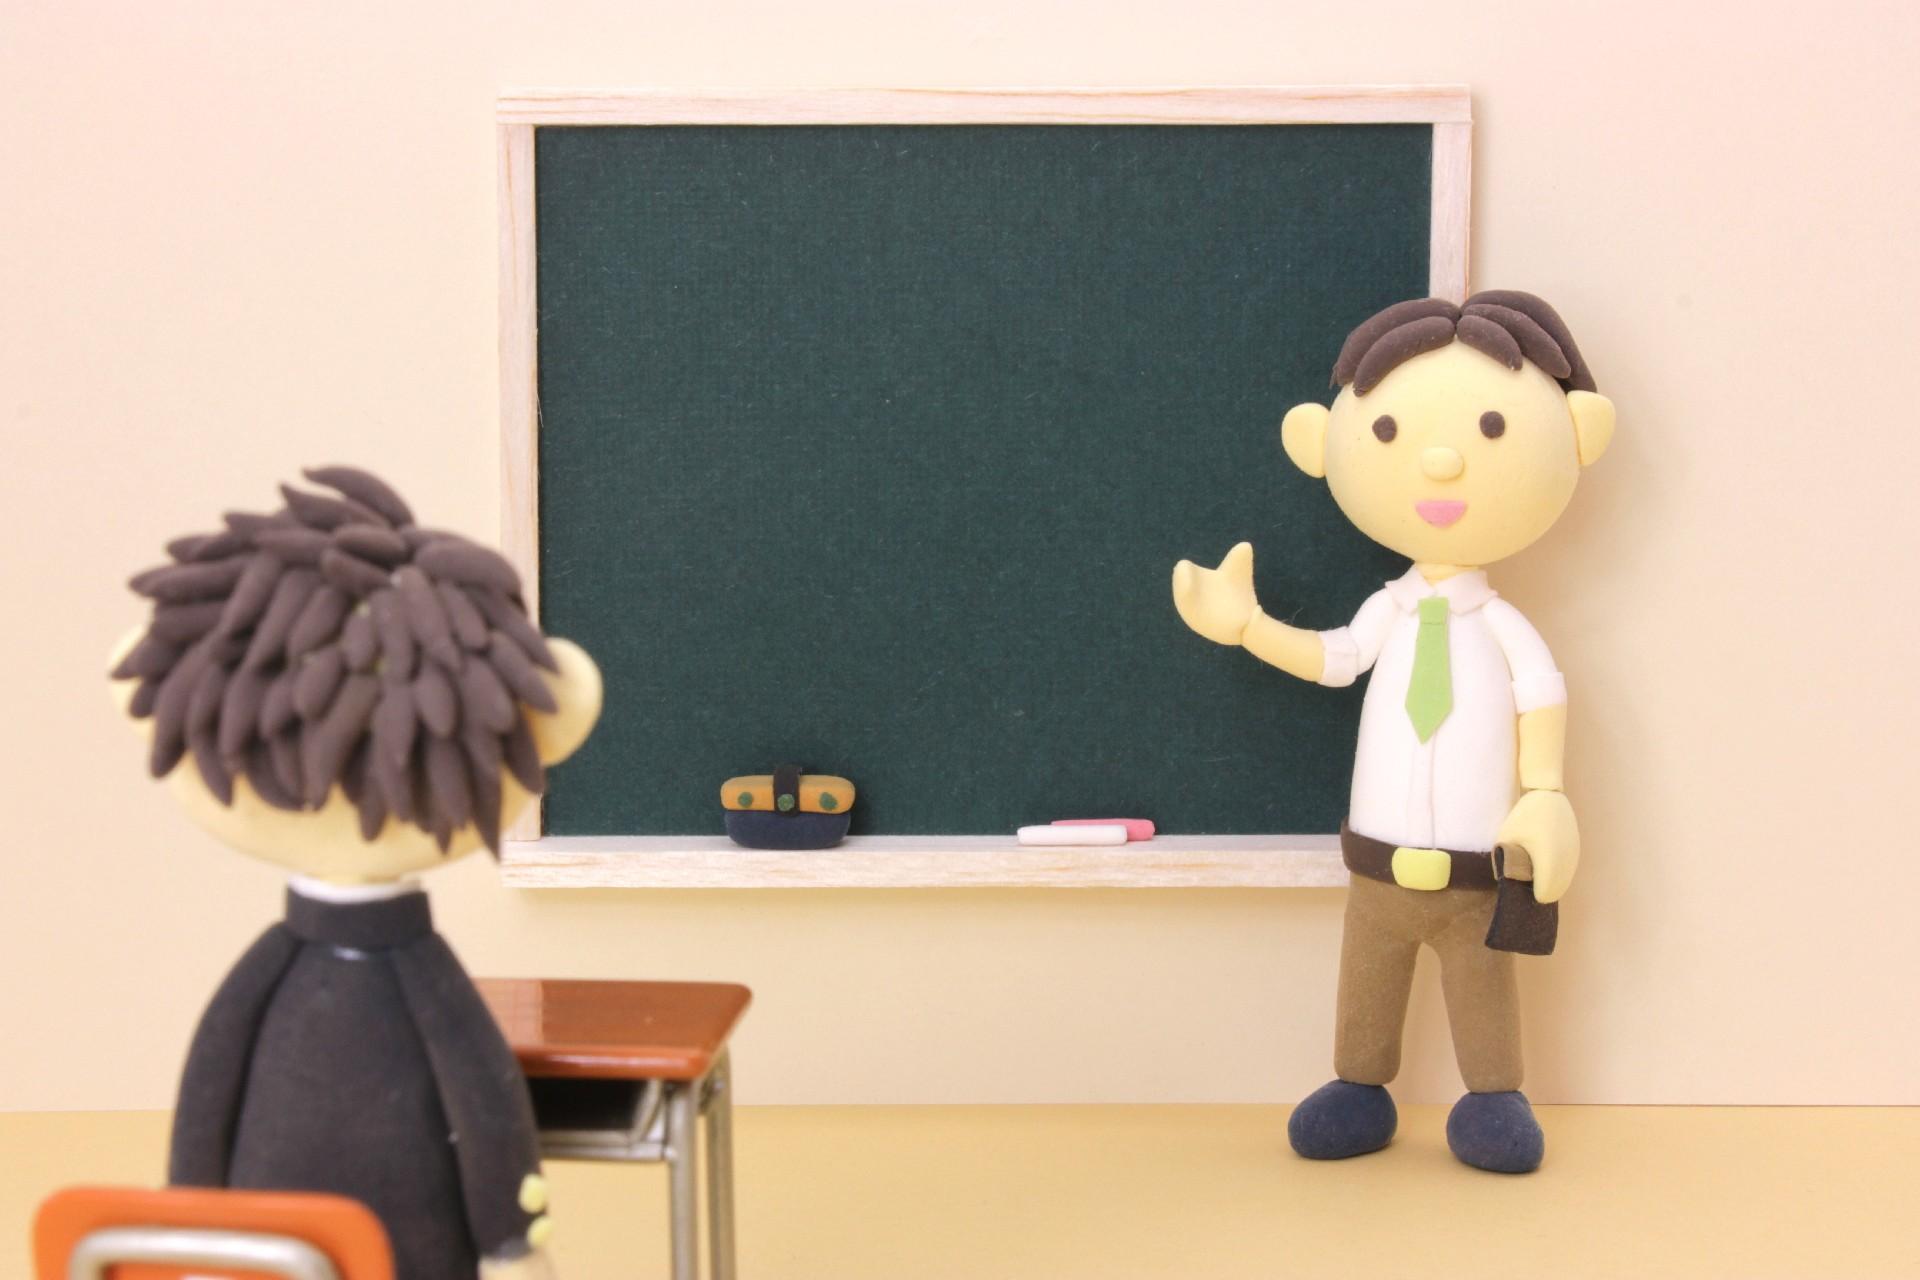 今、日本の学校教育の現場で何が起きているのか?-多忙過ぎる業務、倍増する病気休職率、低下する採用倍率